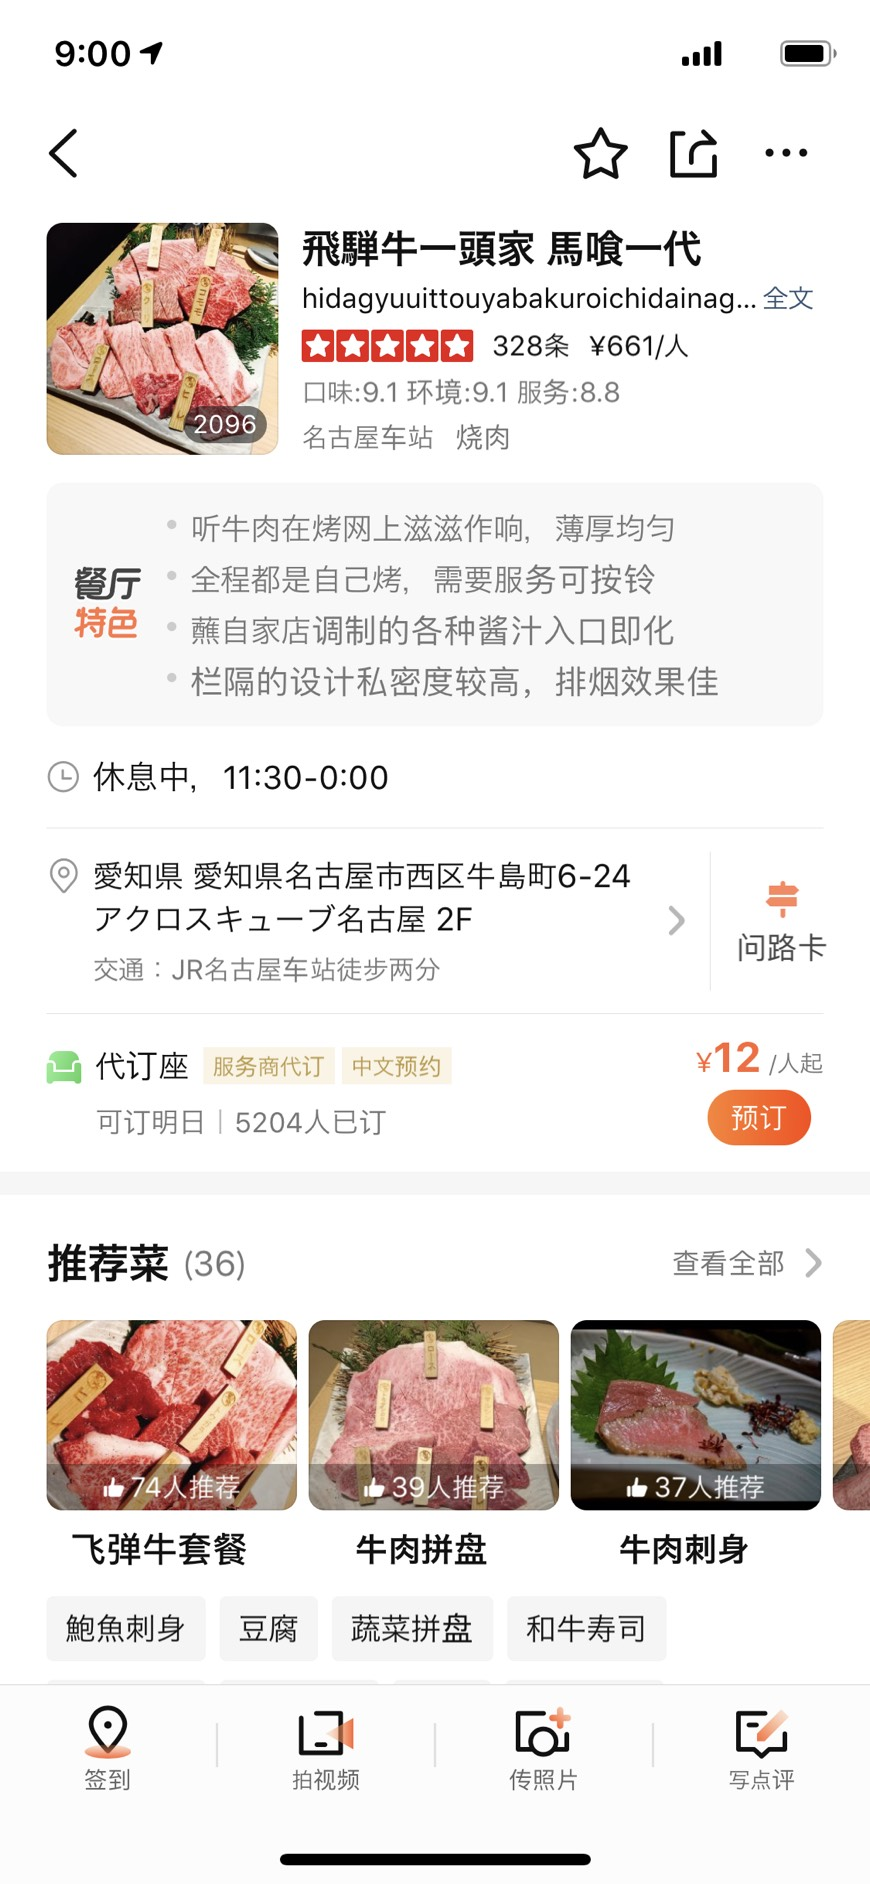 食べログ×中国「大衆点評」で飲食店向けインバウンド集客支援サービス開始